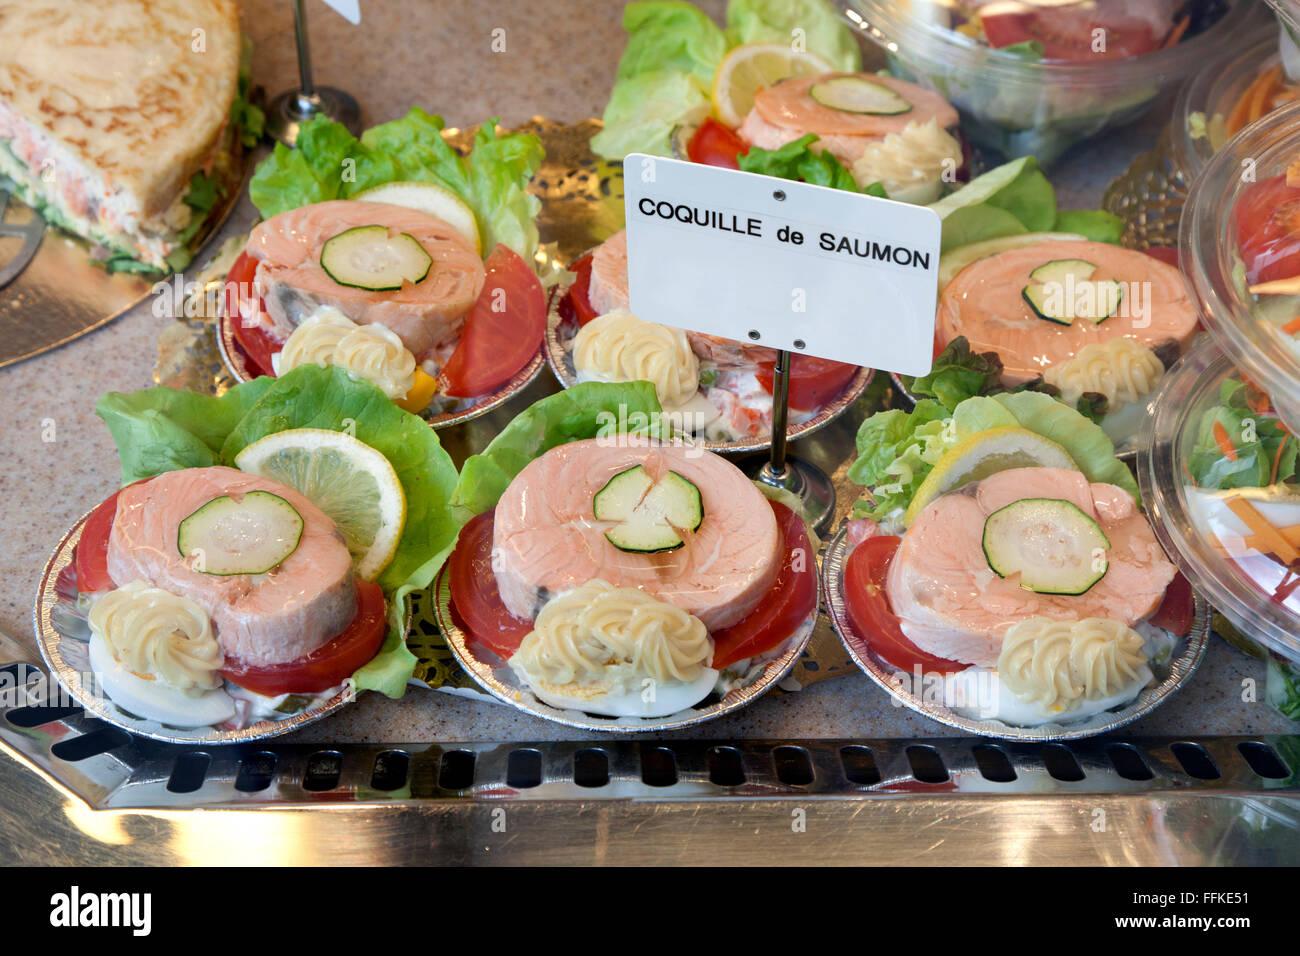 Le saumon poché lave prêt à servir Photo Stock